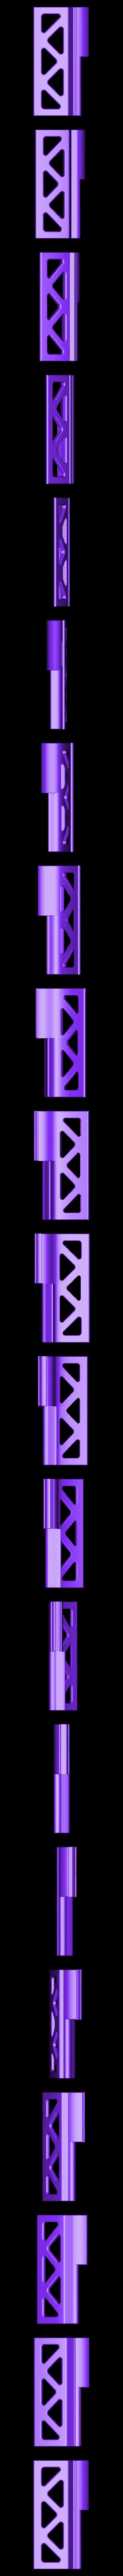 rbk-3000bt_miix28_20140828.stl Télécharger fichier STL gratuit Support de tablette pour le clavier pliable REUDO RBK-3000BT + Lenovo Miix 2 8 • Design pour impression 3D, CyberCyclist